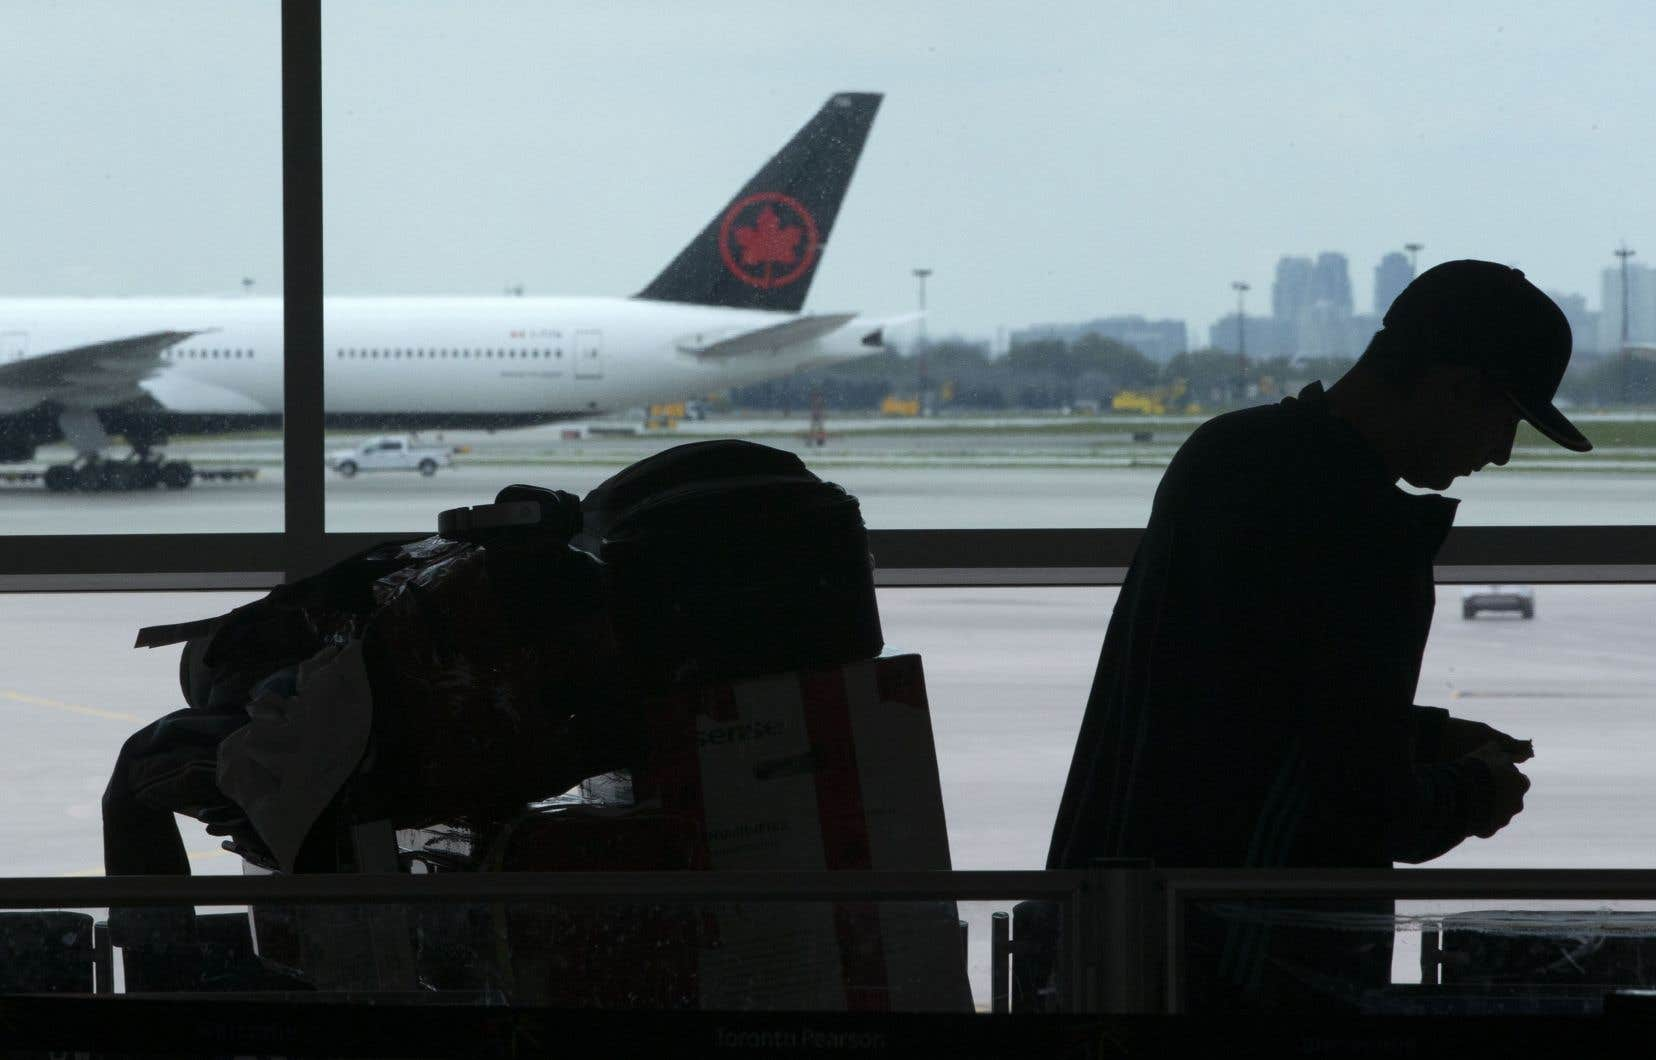 Le gouvernement n'a encore conclu aucune entente d'aide financière avec les transporteurs aériens, mais les voyageurs mécontents d'avoir reçu des crédits au lieu d'une remise en argent semblent surveiller la situation de près.